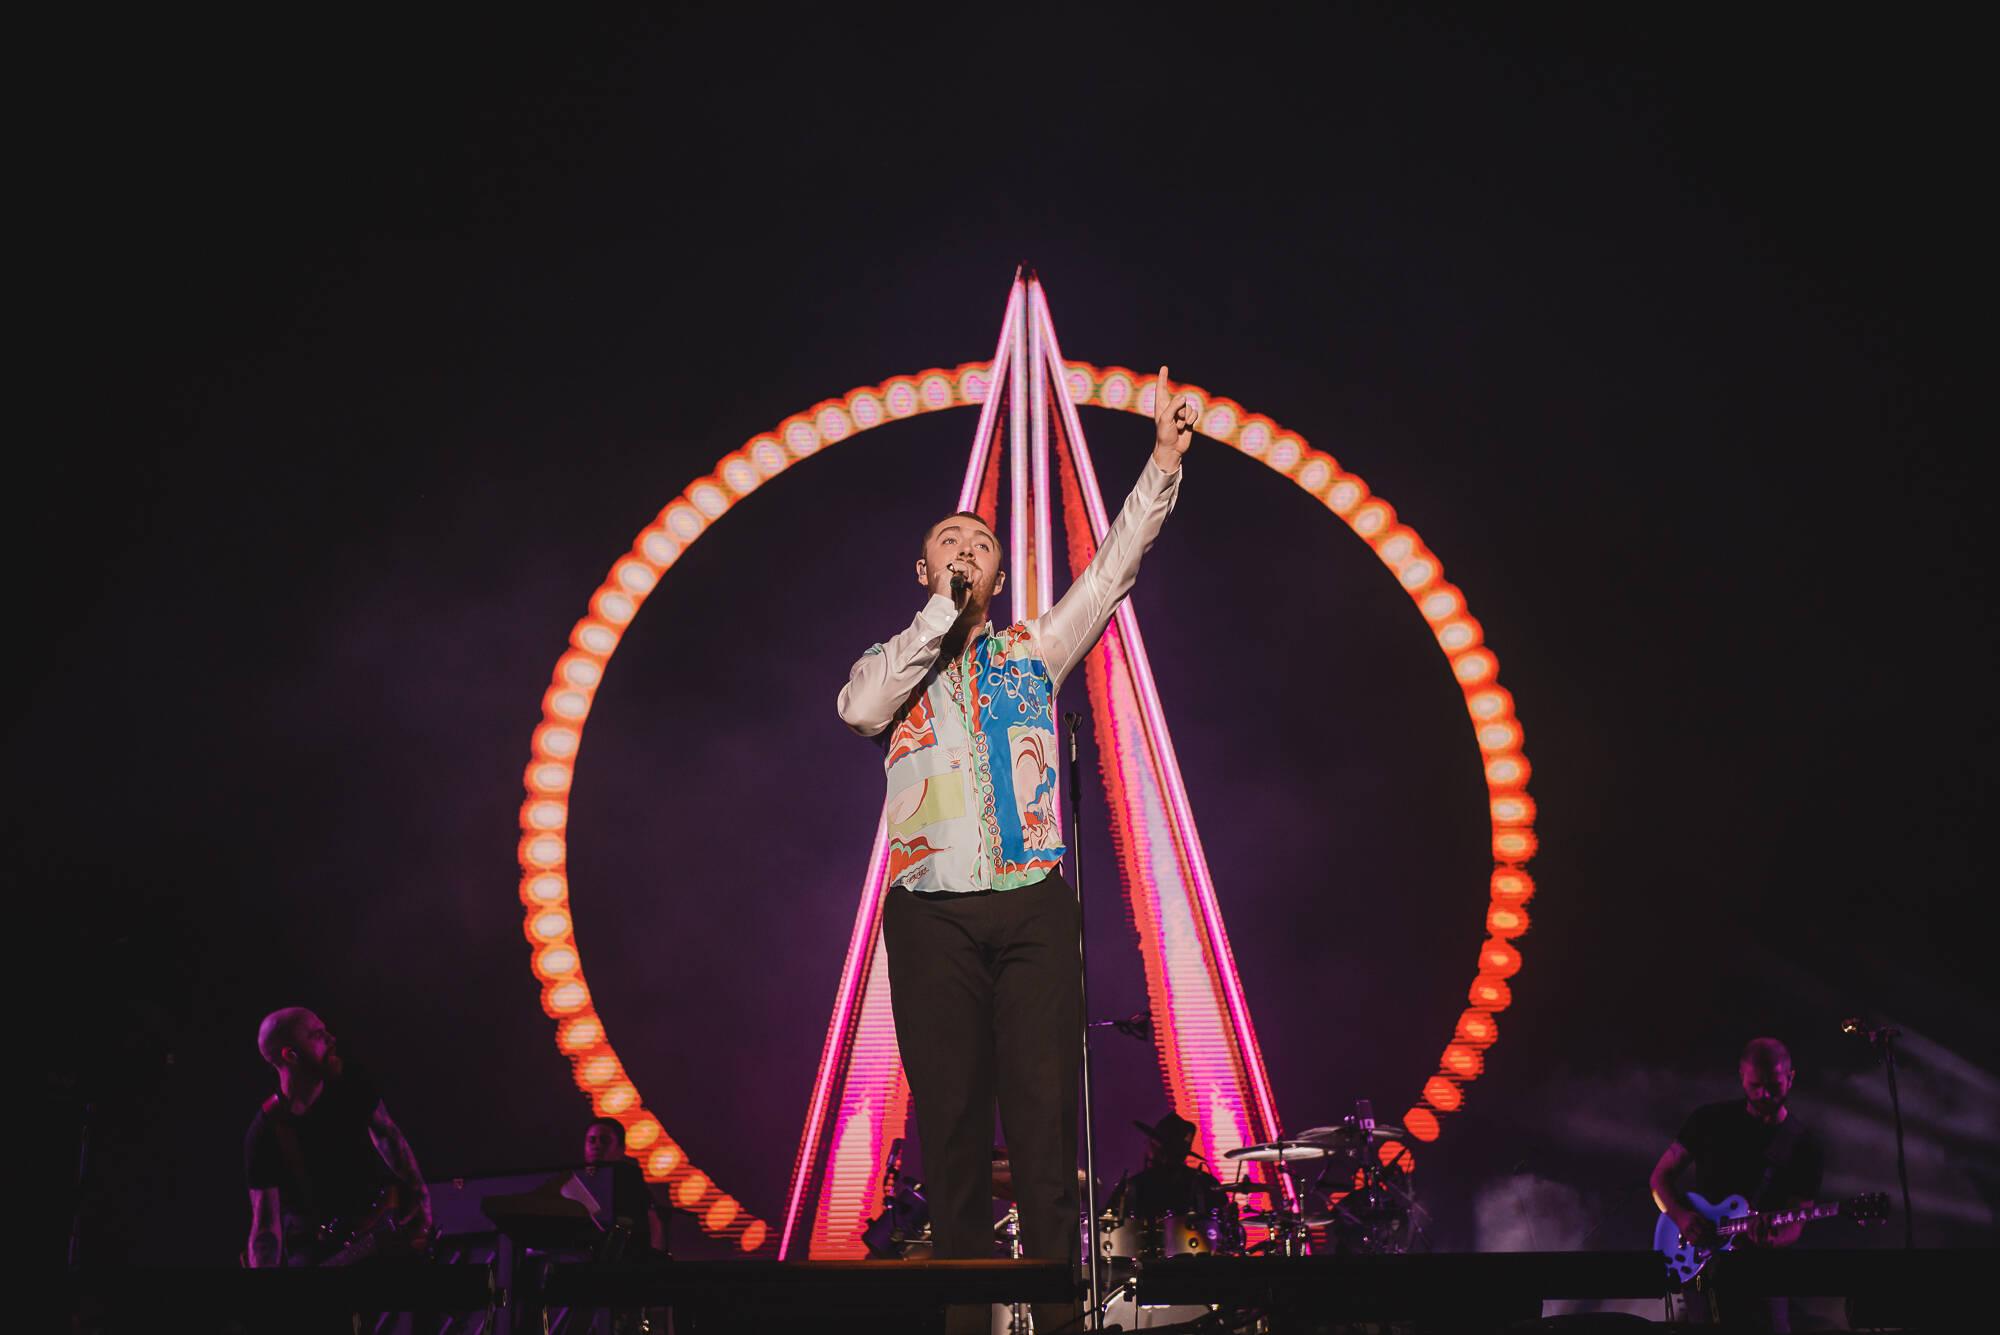 Sam Smith faz show emocionante no Lollapalooza 2019 . Foto: Divulgação / Lollapalooza